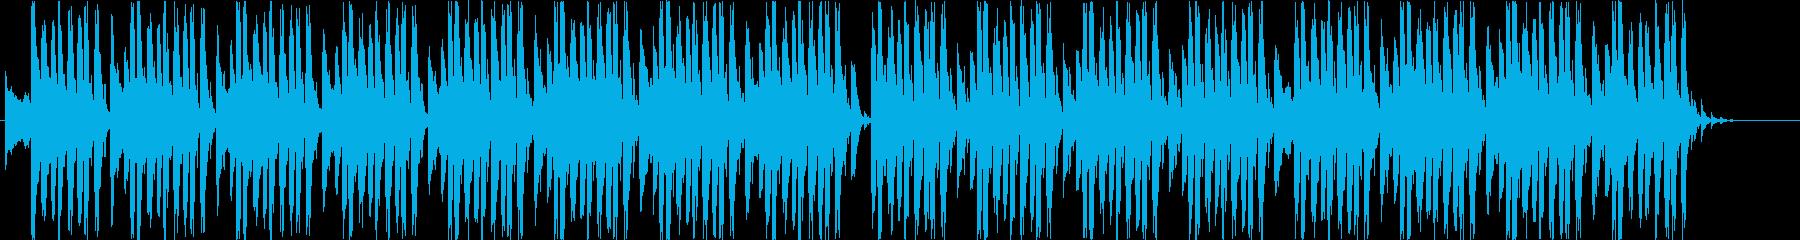 クールな4つ打ちハウスの再生済みの波形